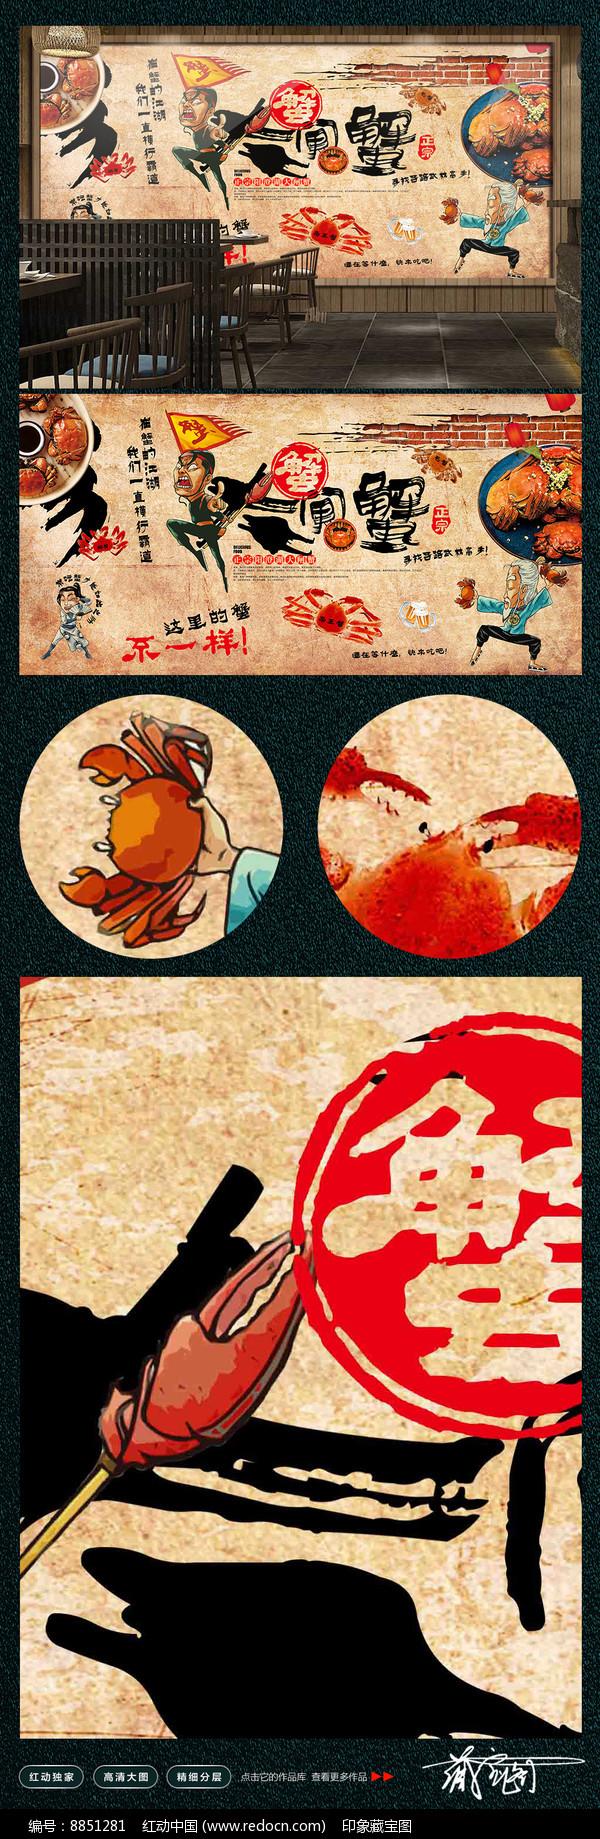 海鲜店大闸蟹背景墙展板设计图片